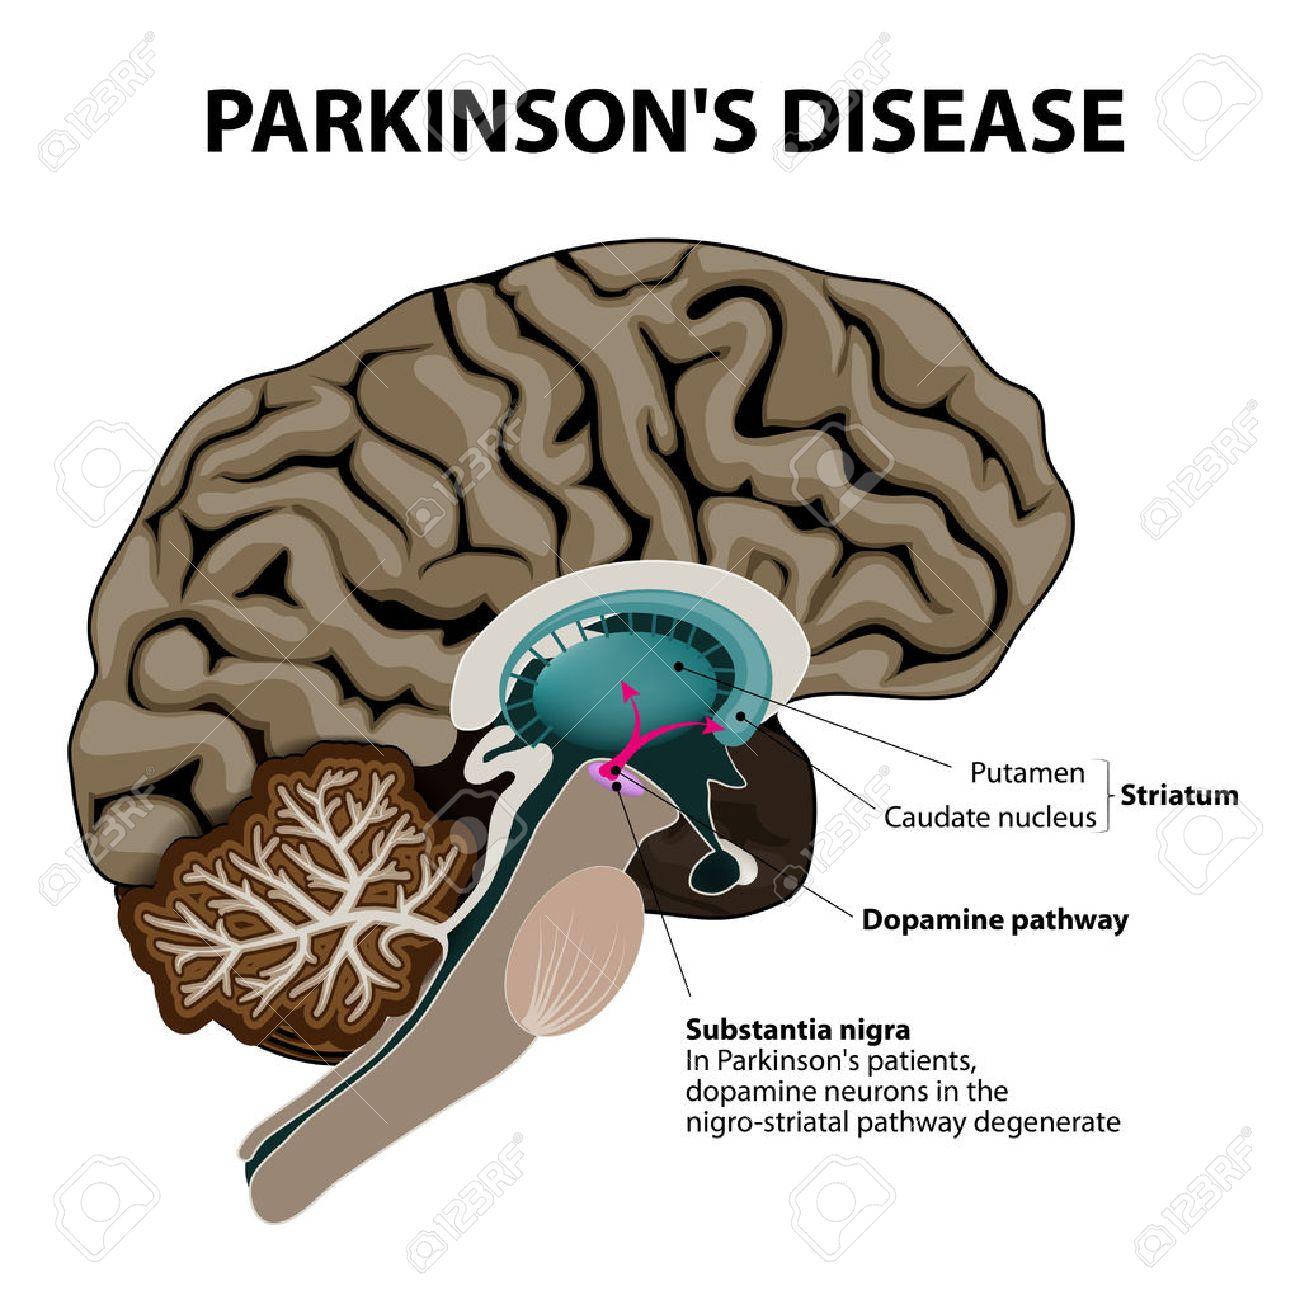 La Enfermedad De Parkinson. Sección Transversal Del Cerebro Humano ...